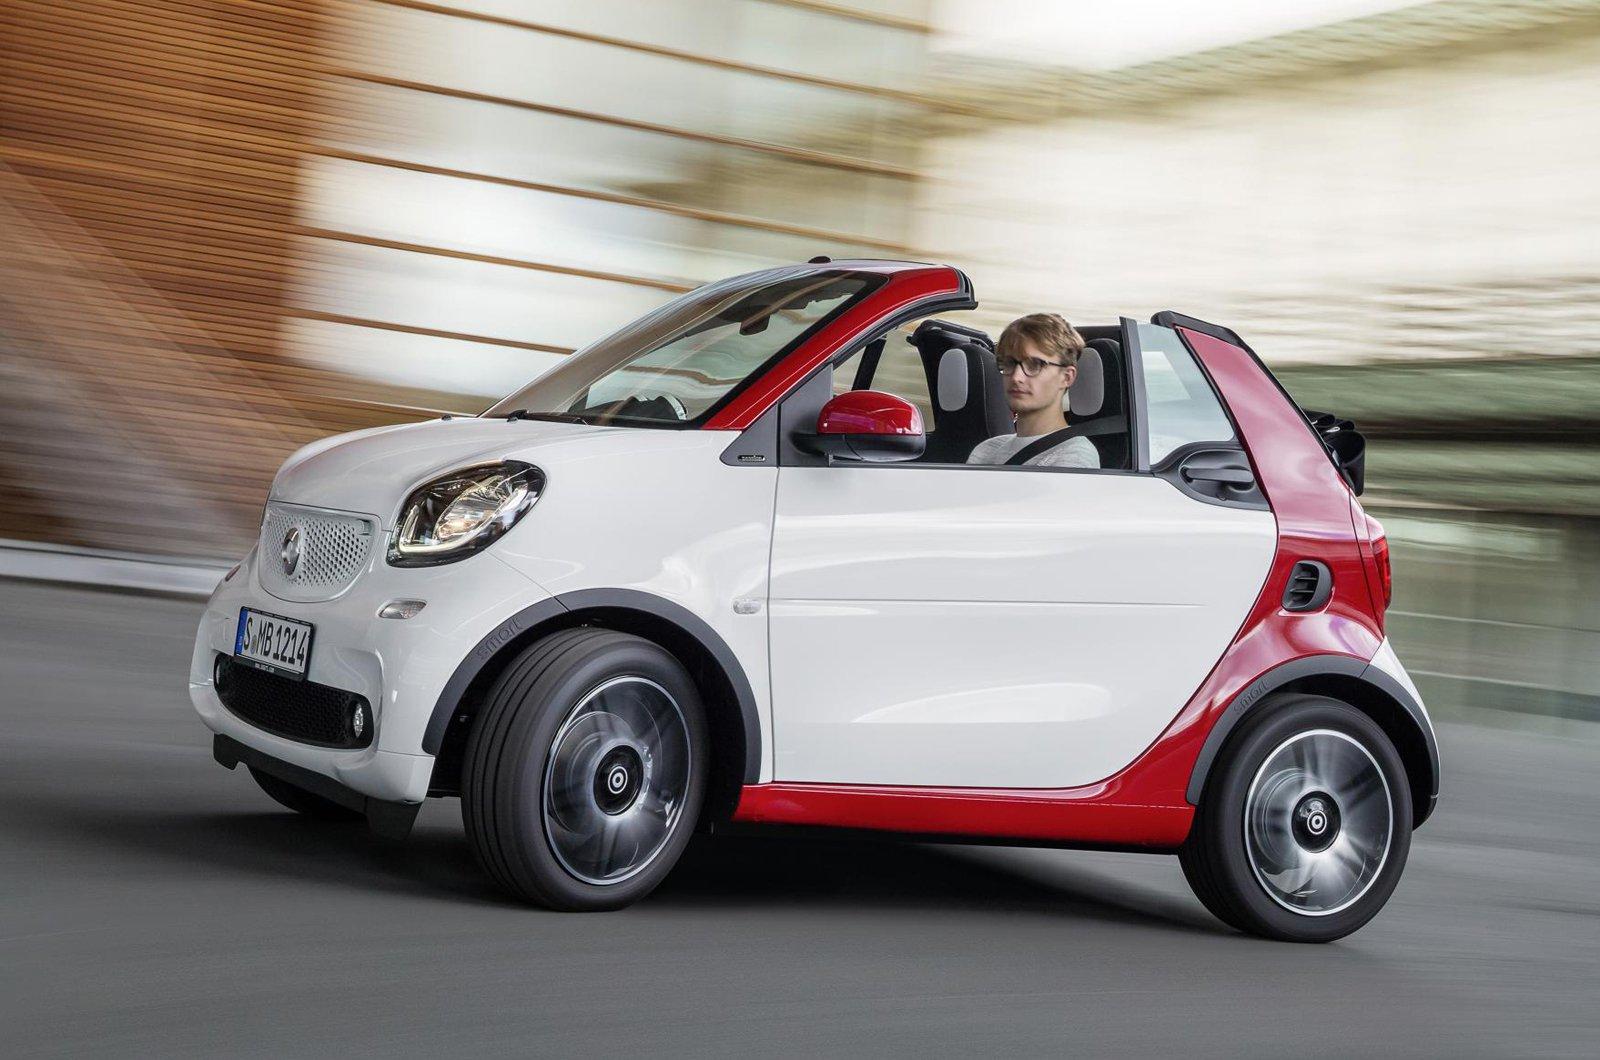 Smart Fortwo Cabrio side